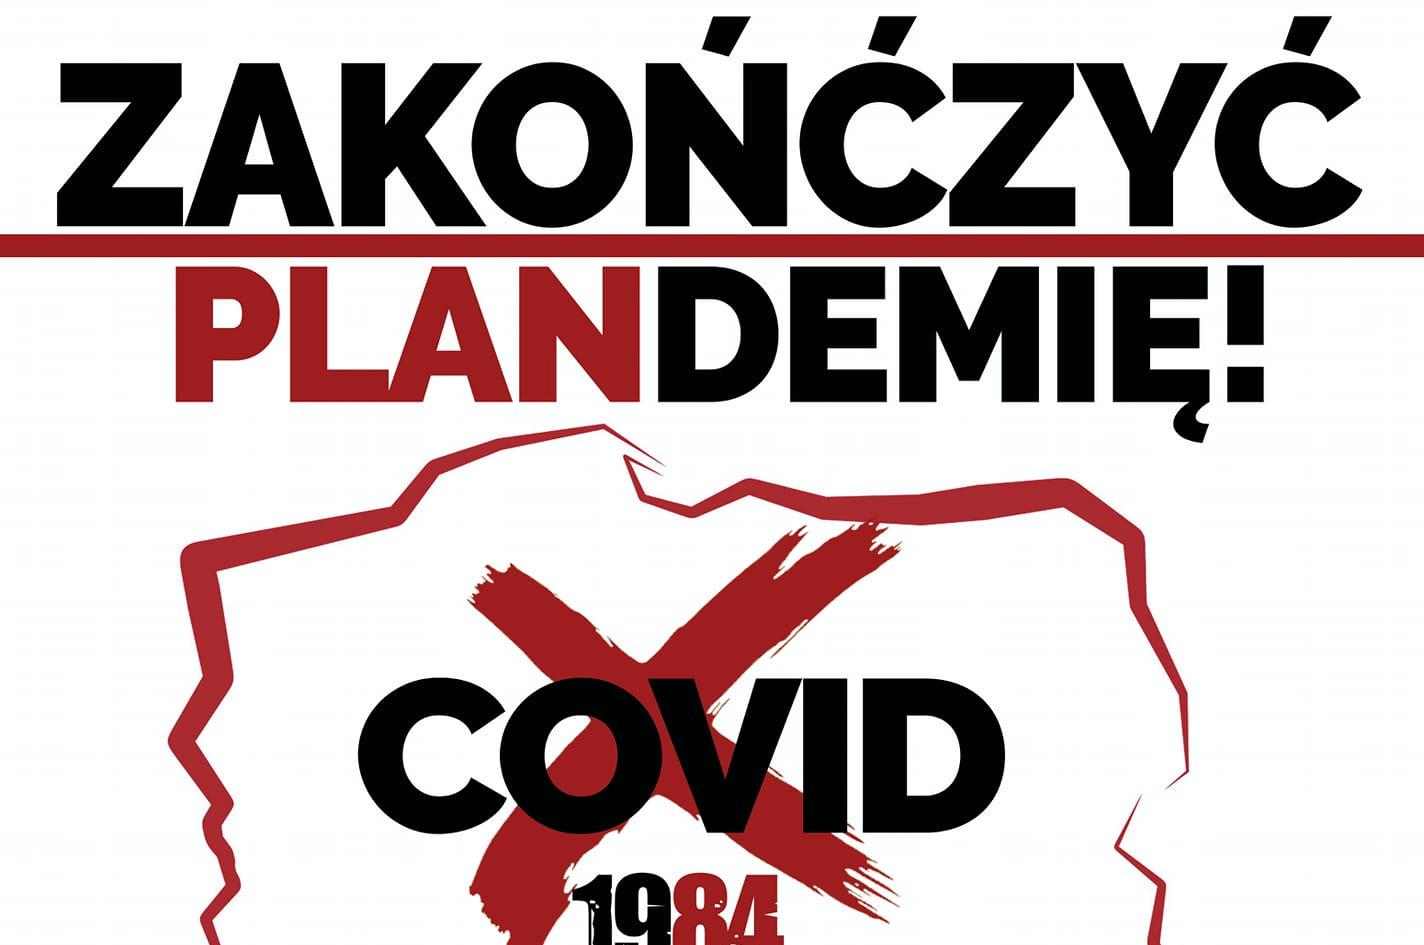 """Protest """"Zakończyć Plandemię"""" już 12 września w Warszawie. """"Zdejmij maskę"""" - zachęcają organizatorzy  - Zdjęcie główne"""